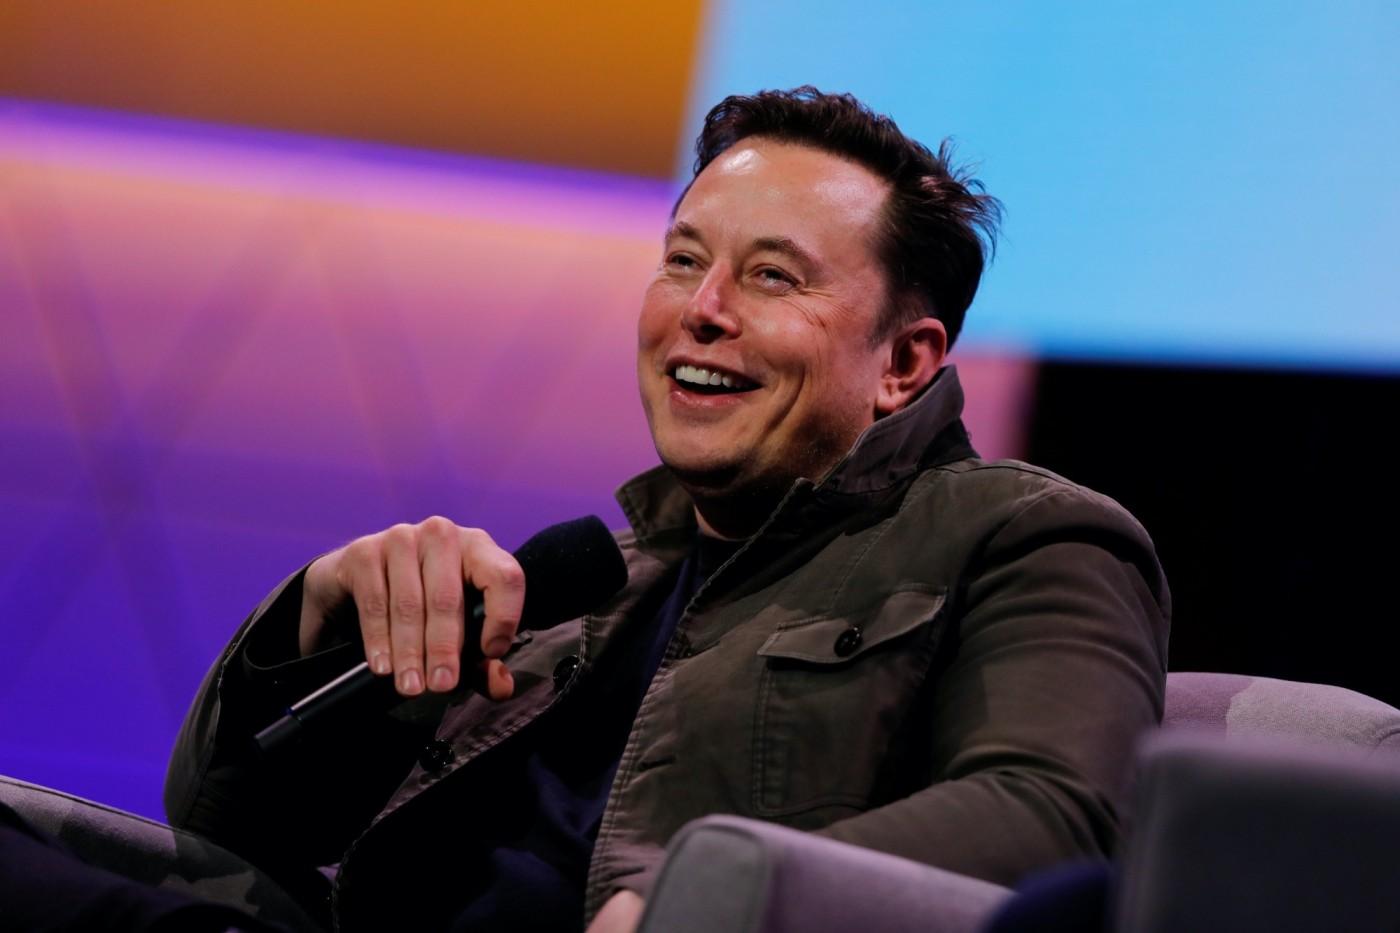 美科技圈最新幫派勢力「特斯拉幫」,馬斯克的5個弟兄們將如何撼動電動車產業?